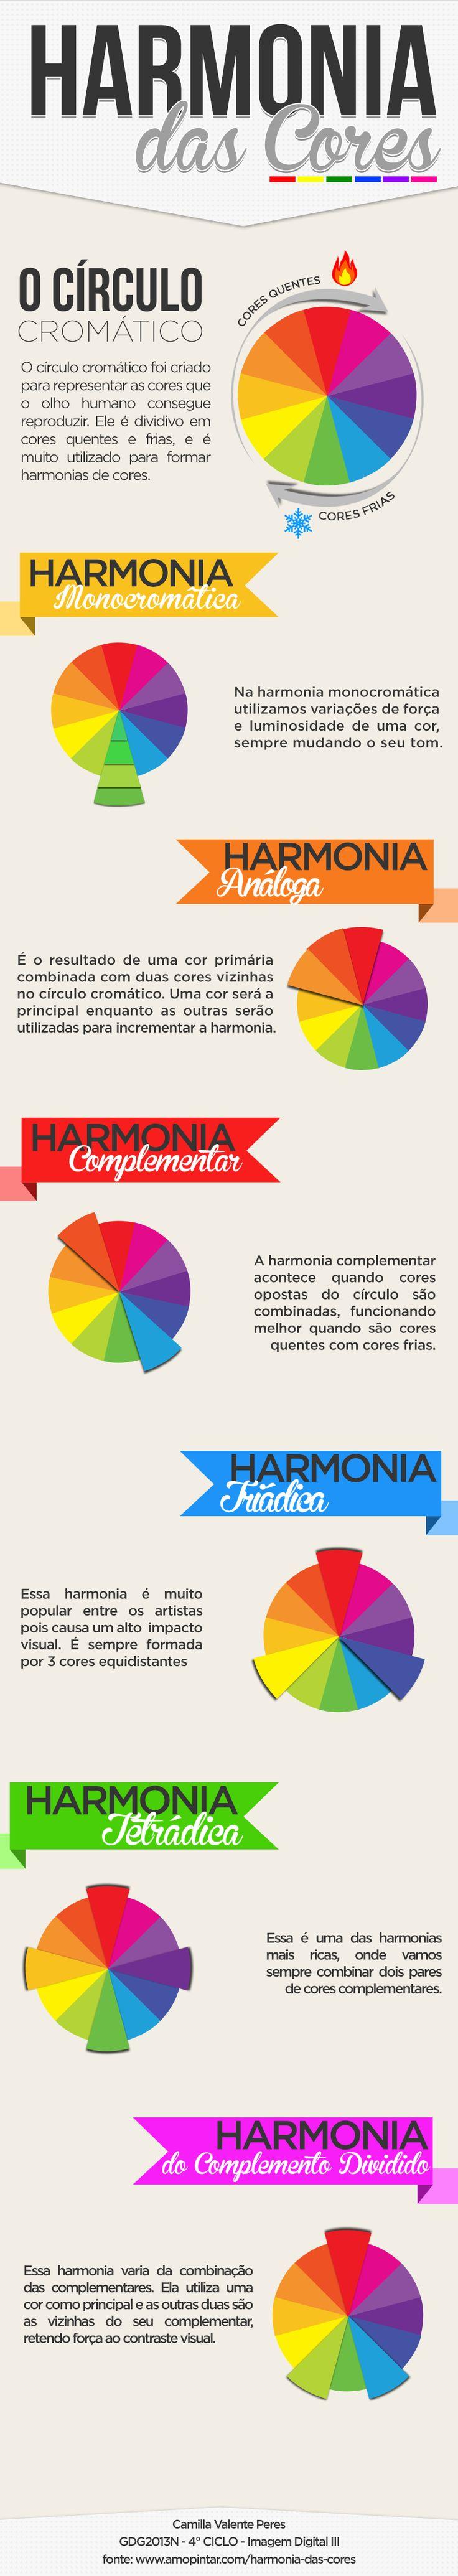 Infográfico sobre o círculo cromático e suas harmonias feito por Camila Peres, aluna da Graduação em Design Gráfico, turma 2013 - noite do Instituto Infnet. #infographic #infográfico #colors #cores #teoriadascores #design #graphic #digitaldesigner